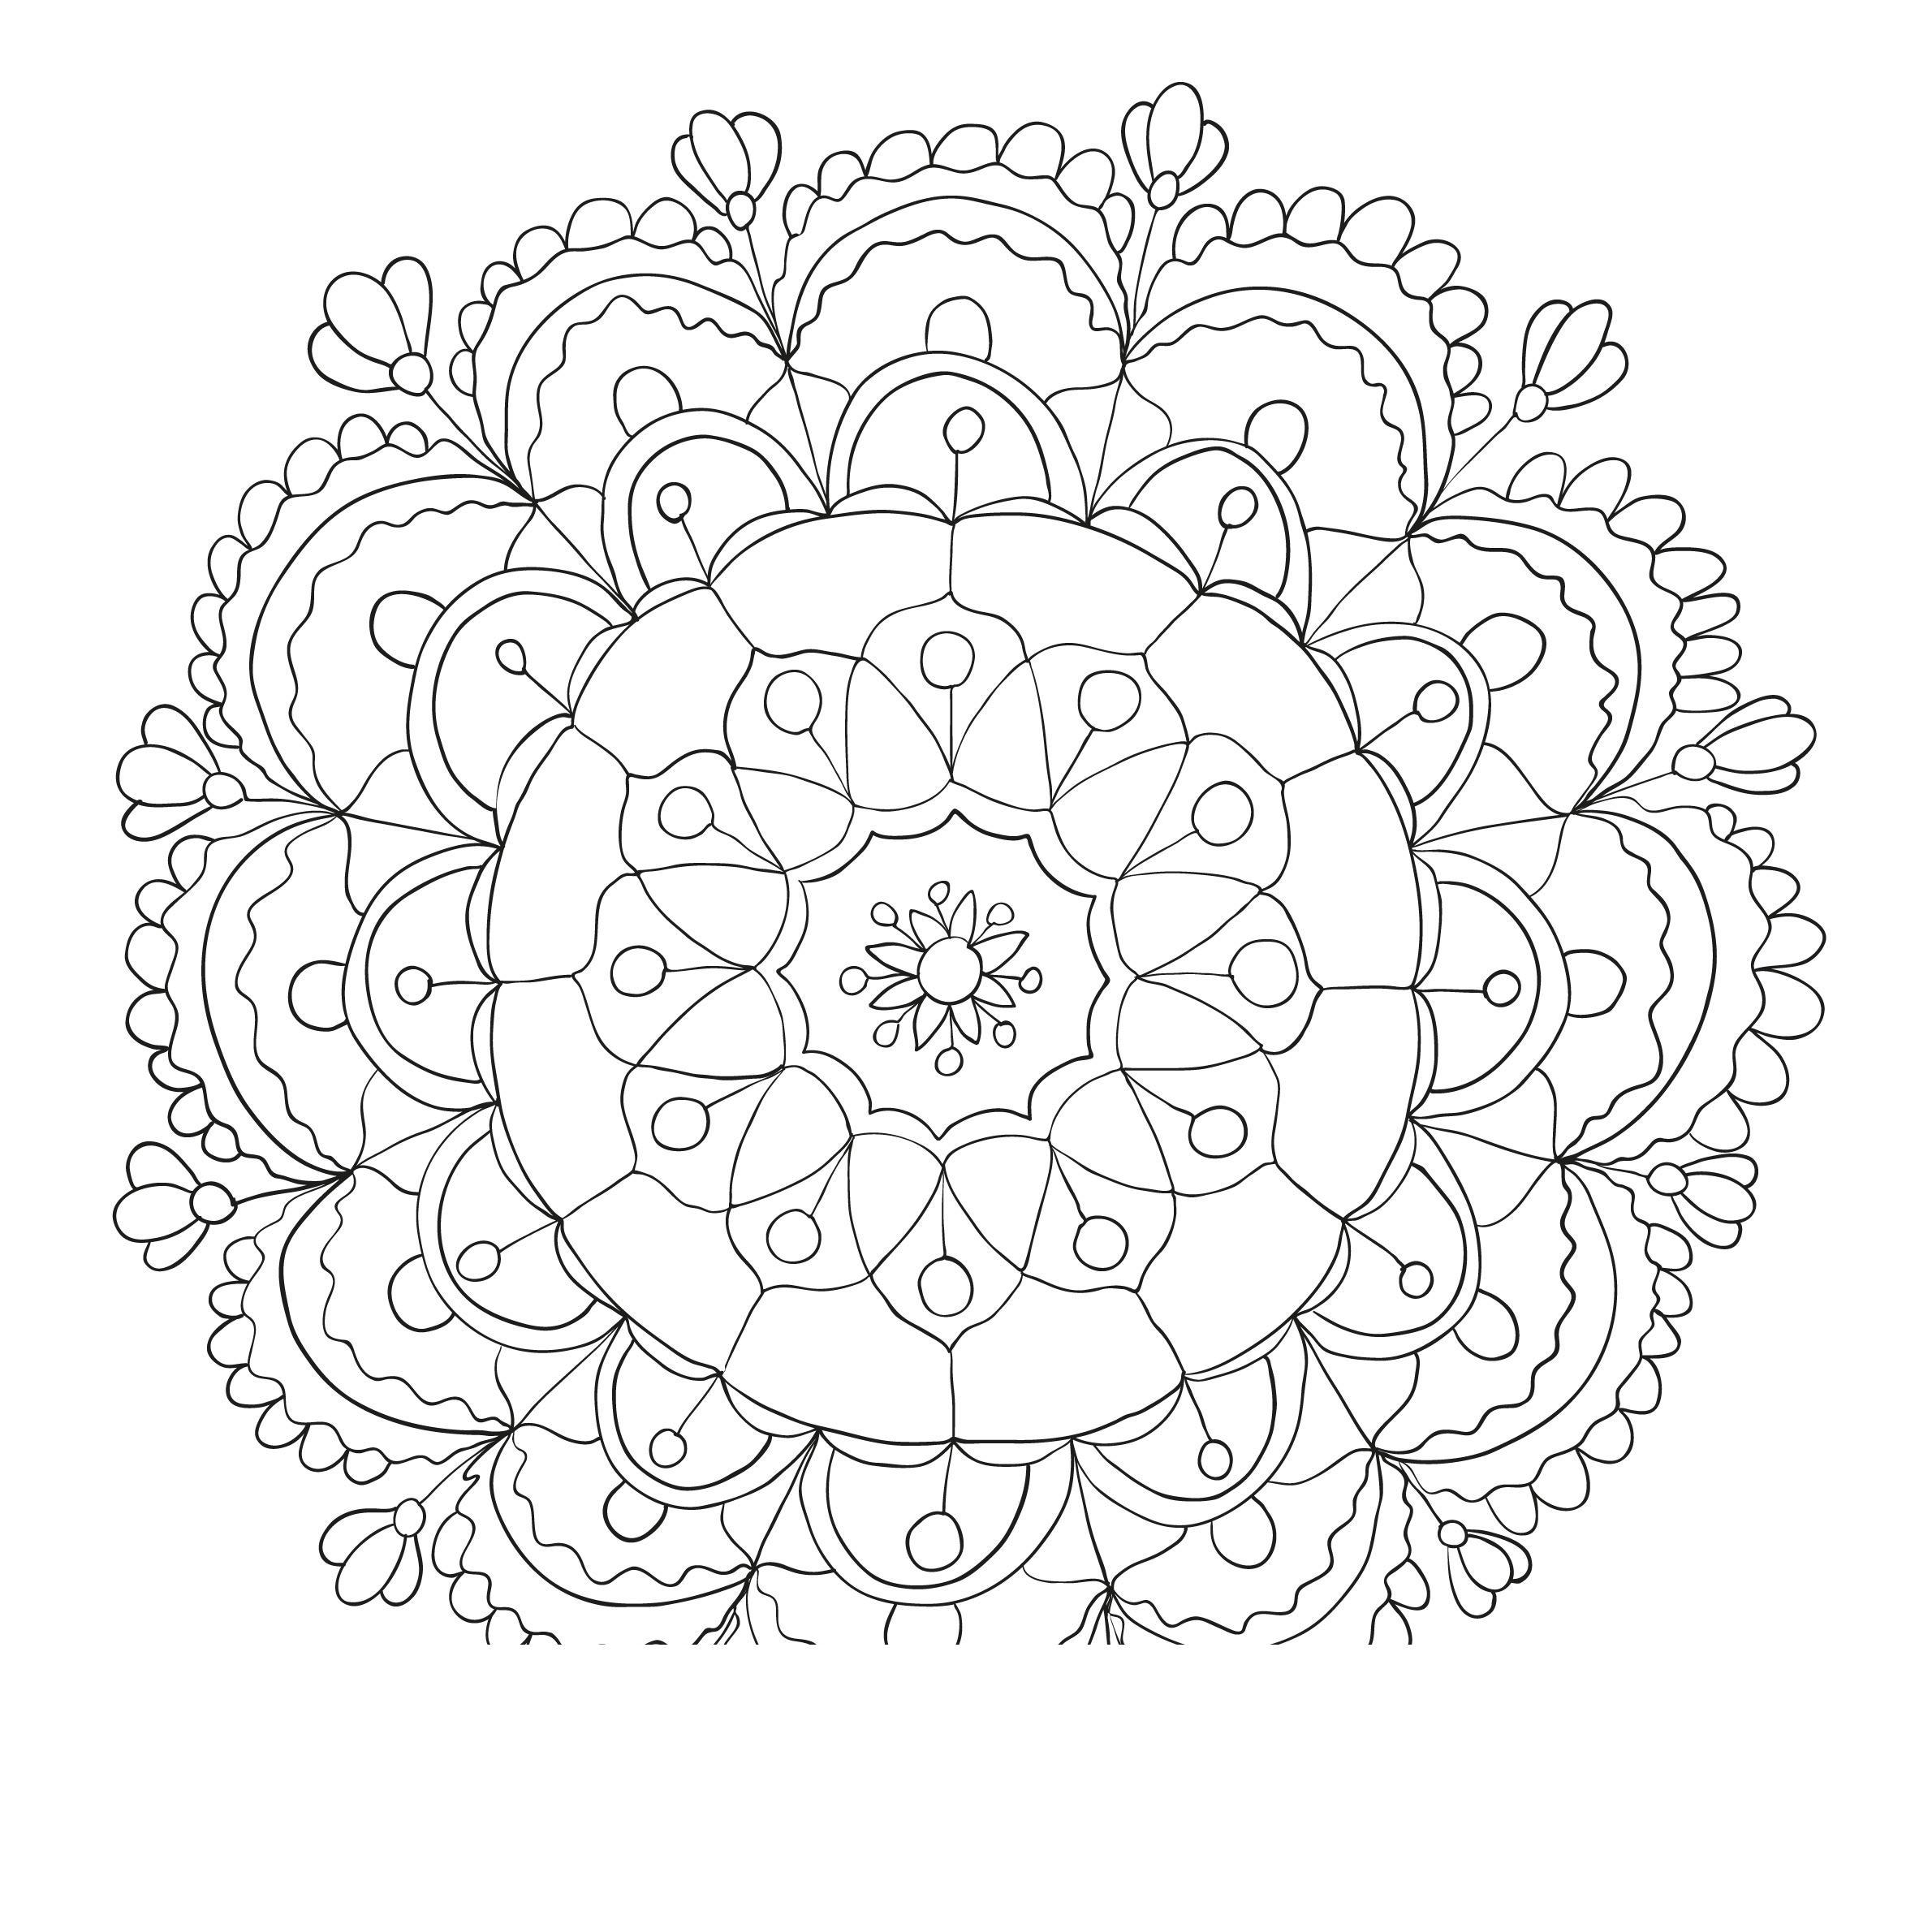 Раскраски антистресс с цветами Раскраски цветы хорошего качества